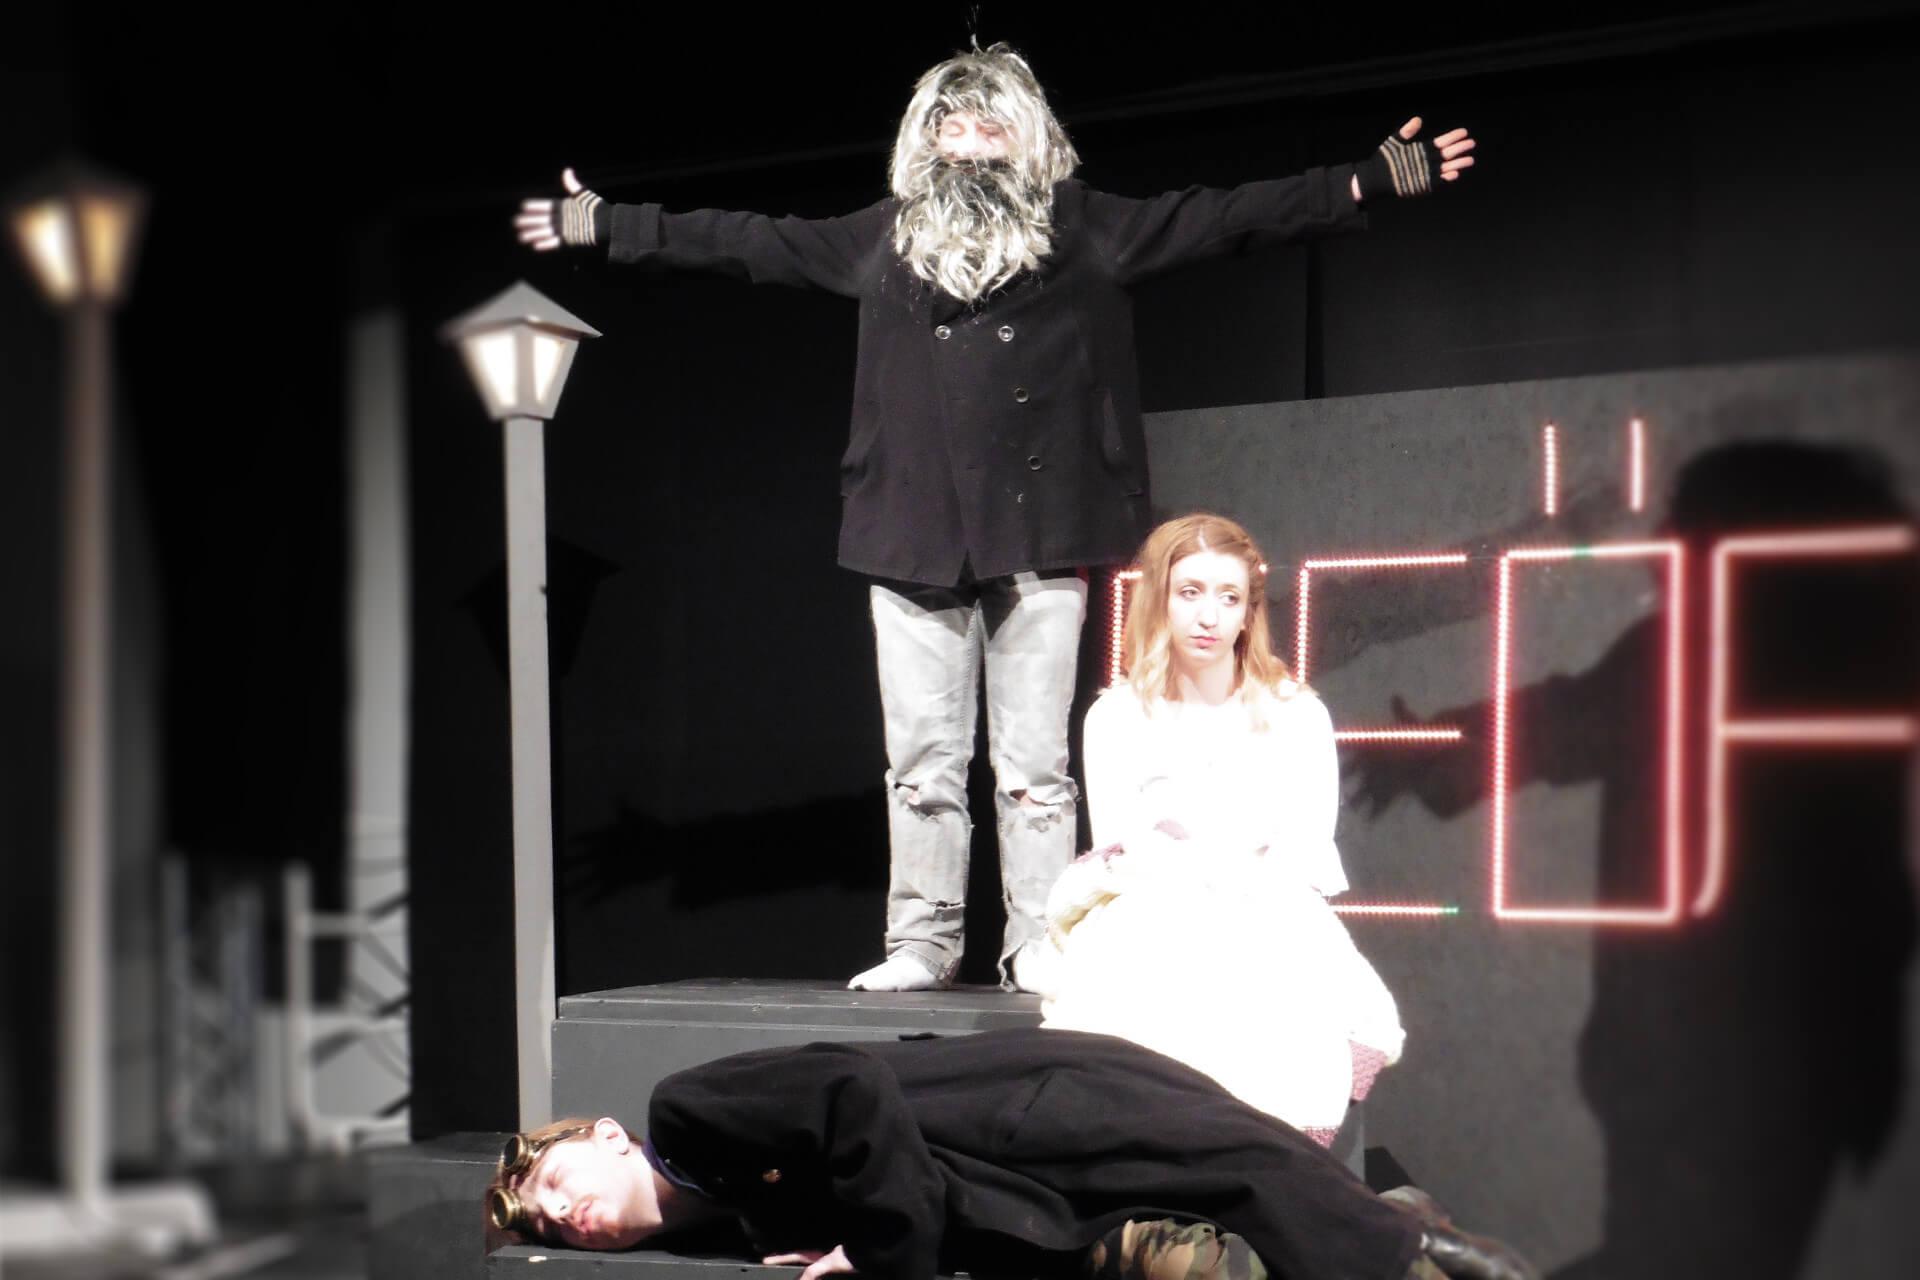 2017 03 31 Theater Draussen Vor Der Tuer Content Galerie 4